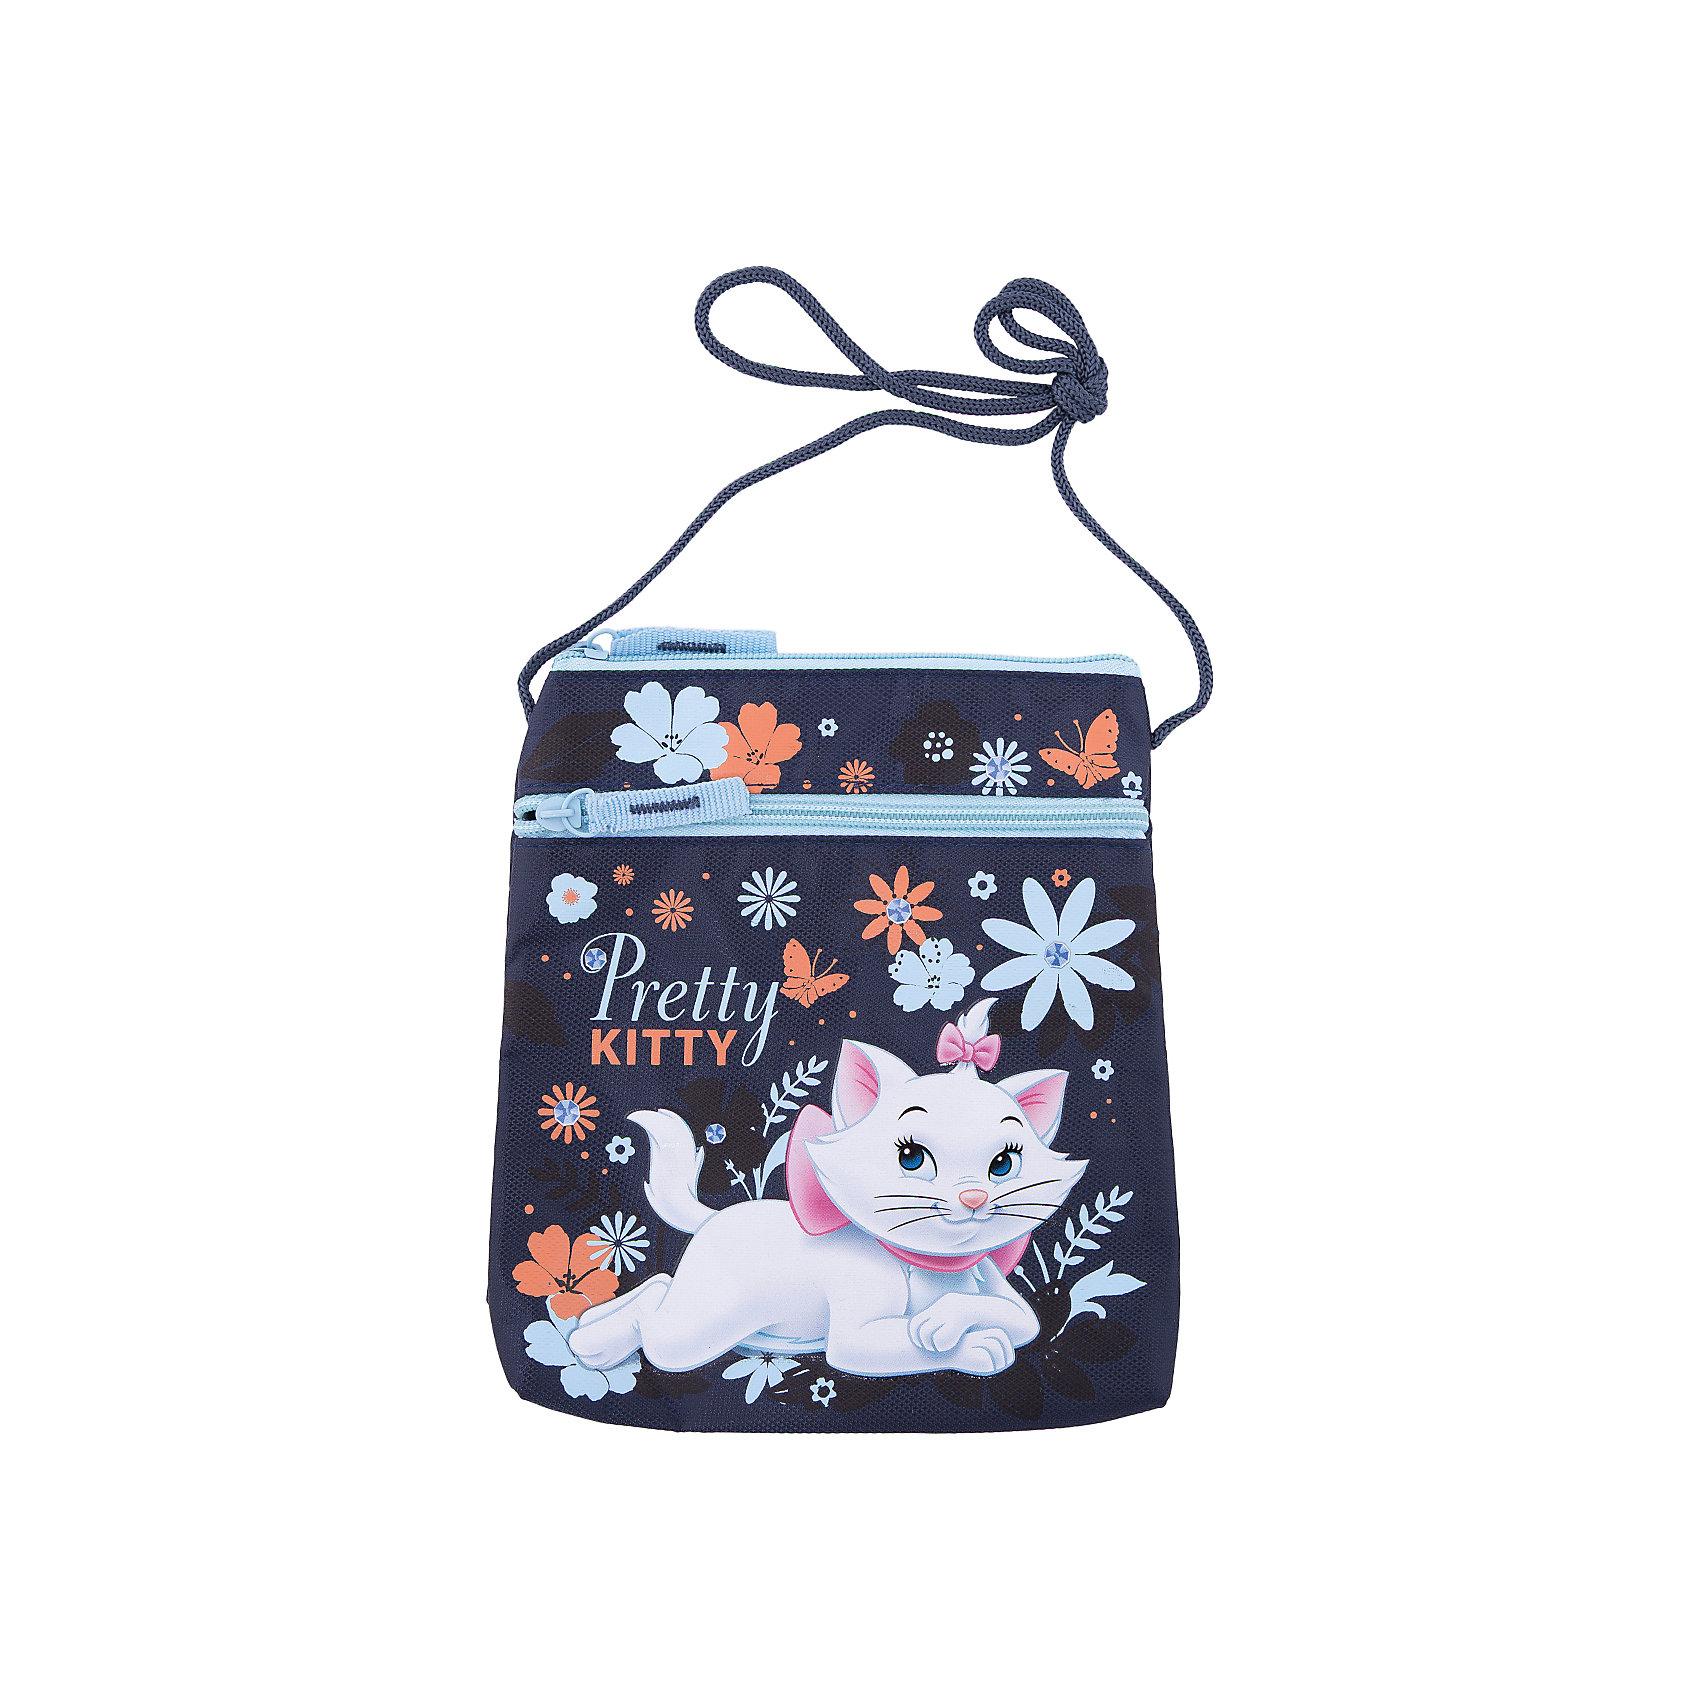 Академия групп Сумка-планшет Кошка Мари, Коты-Аристократы сумку планшет в интернет магазине